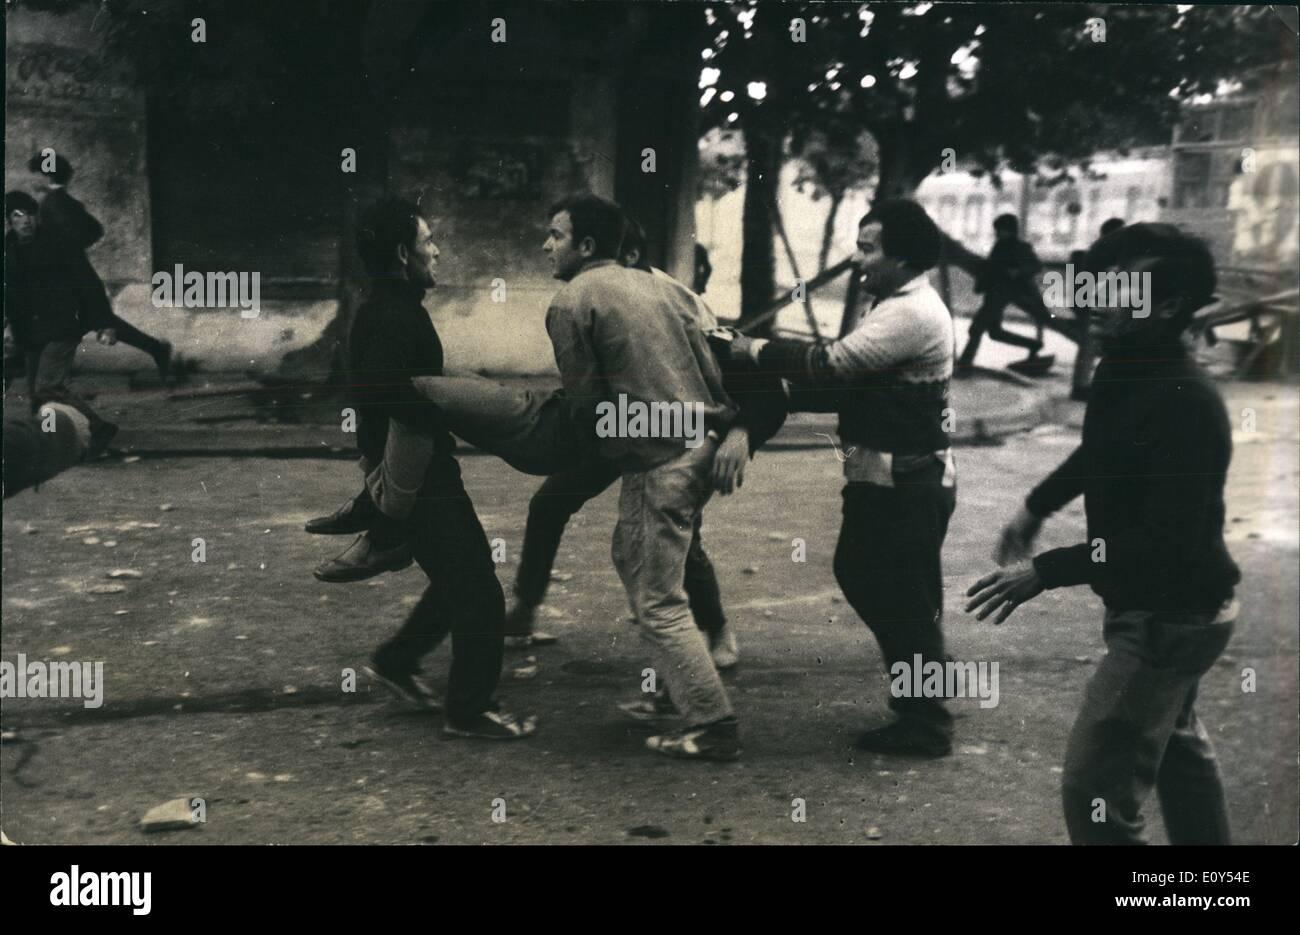 11 novembre 1968 - Les élèves viennent chercher leurs camarades. La révolte des étudiants à Montevideo en Uruguay. w Z Photo Stock